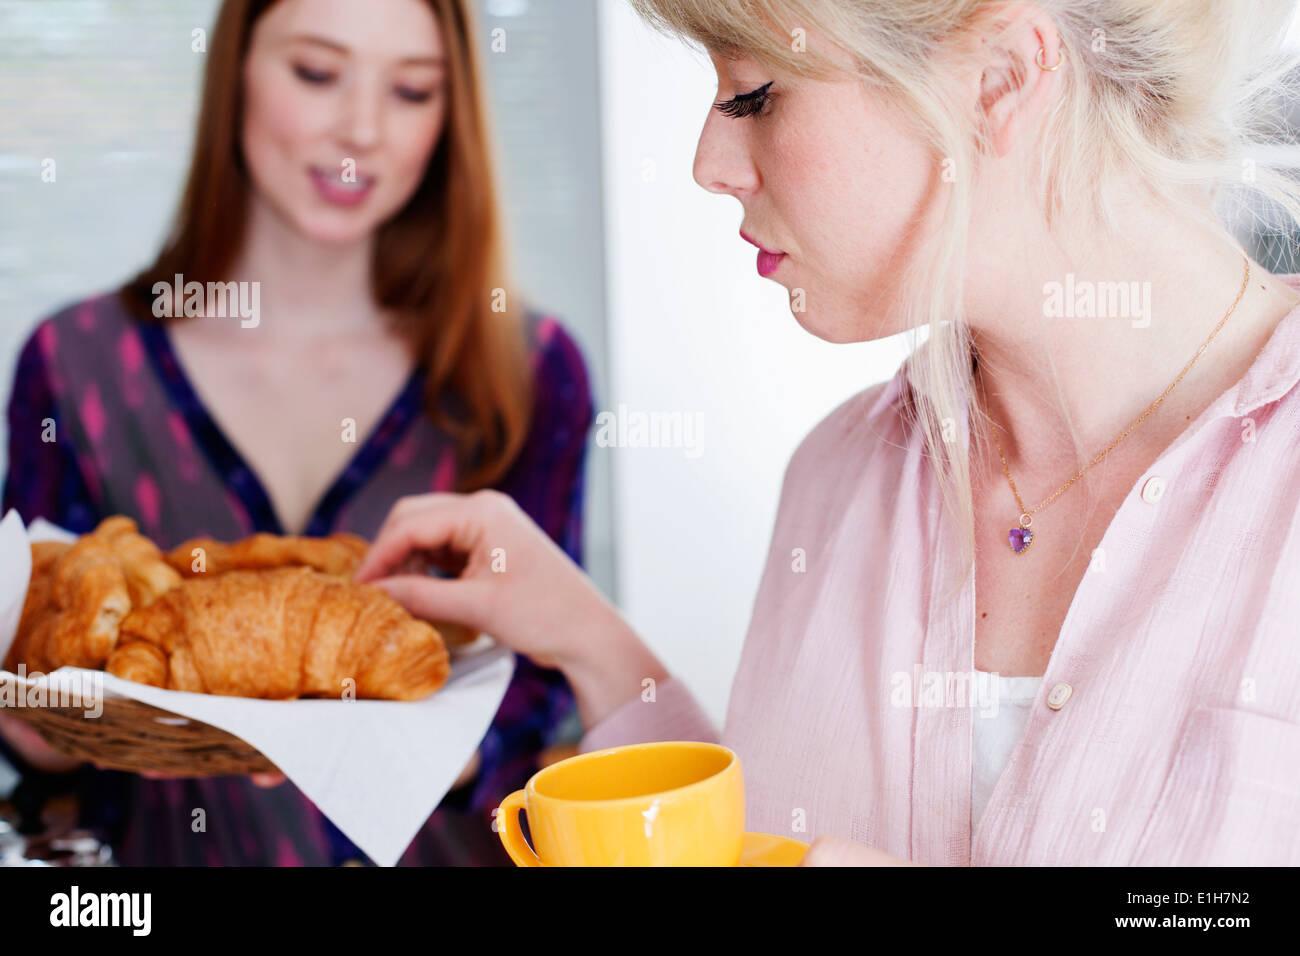 Las mujeres jóvenes con croissants Imagen De Stock